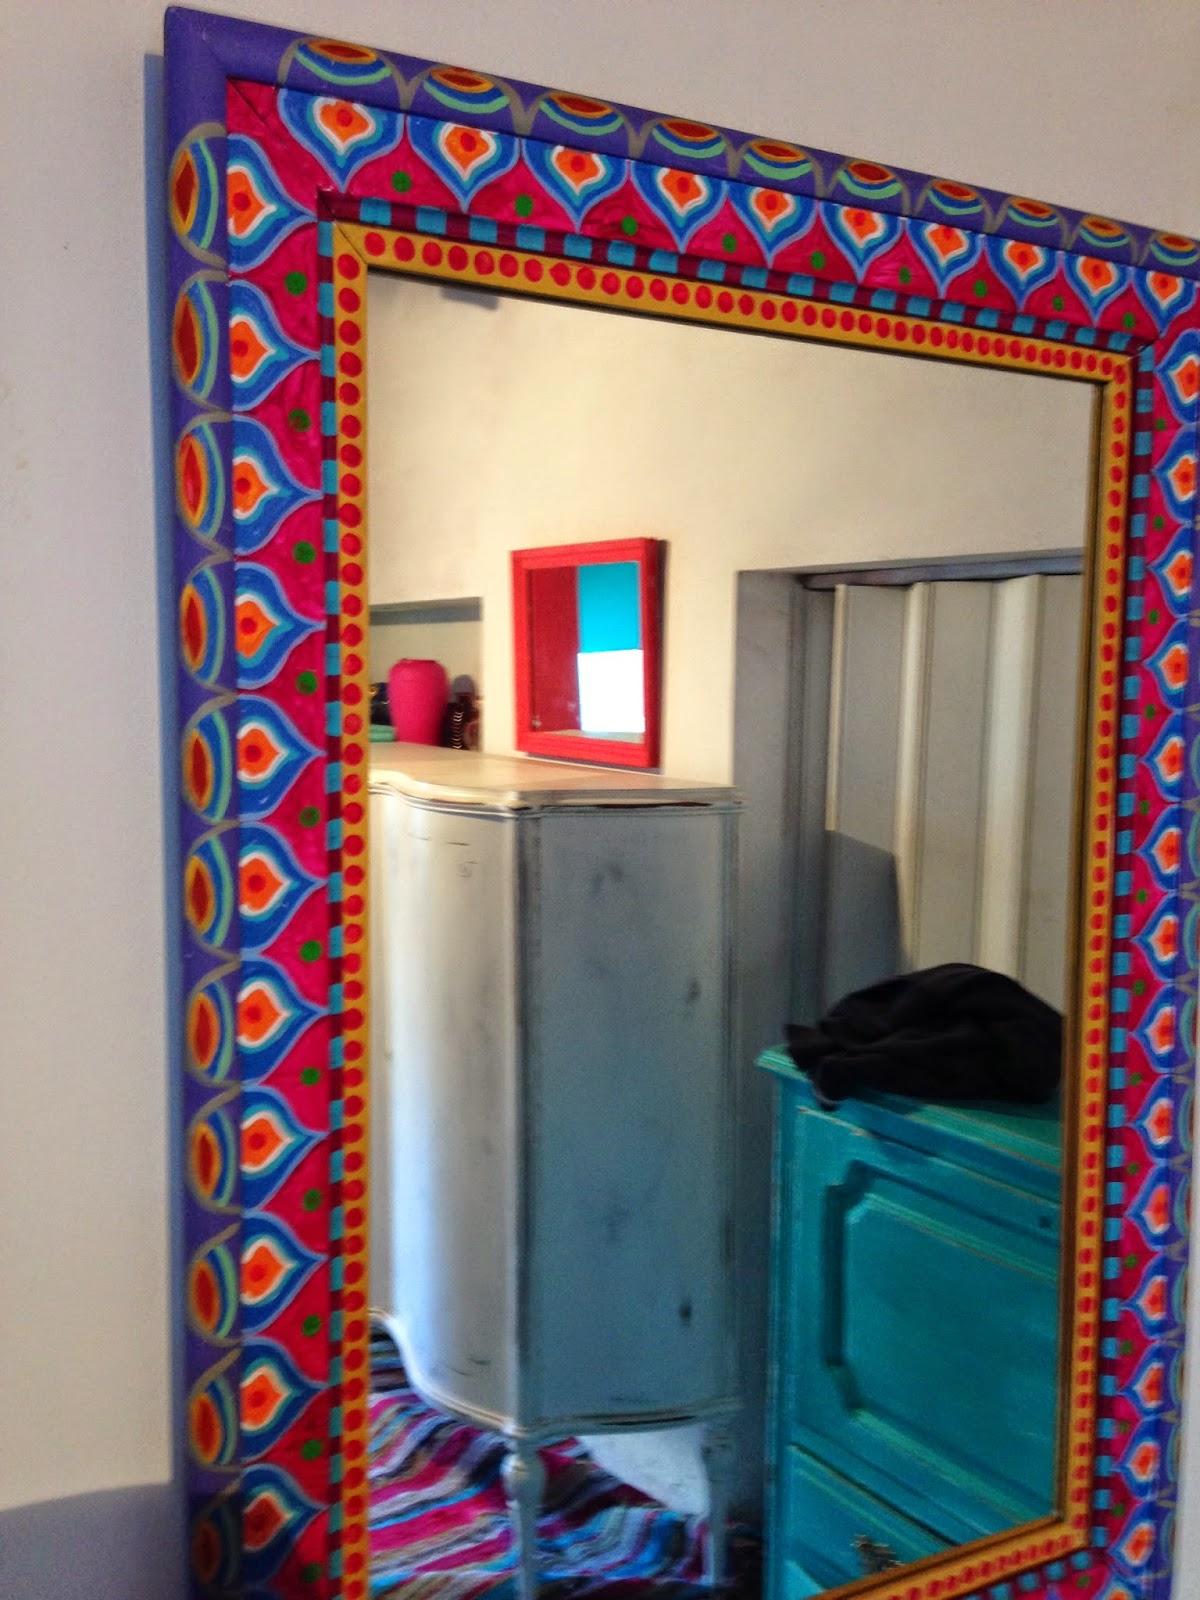 Vintouch muebles reciclados pintados a mano espejo for Muebles pintados a mano